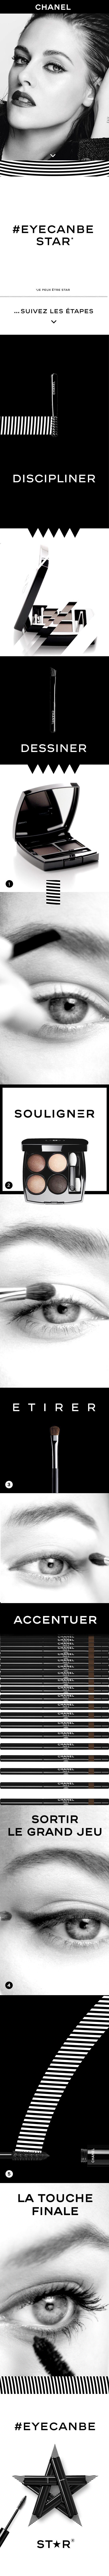 #EyeCanBe a Star. Apprenez à laisser parler votre regard avec CHANEL. LA PALETTE SOURCILS DE CHANEL LES 4 OMBRES PETIT PINCEAU PAUPIÈRE N°15 STYLO YEUX WATERPROOF LE VOLUME DE CHANEL Découvrez le tutoriel dans son intégralité sur CHANEL.com